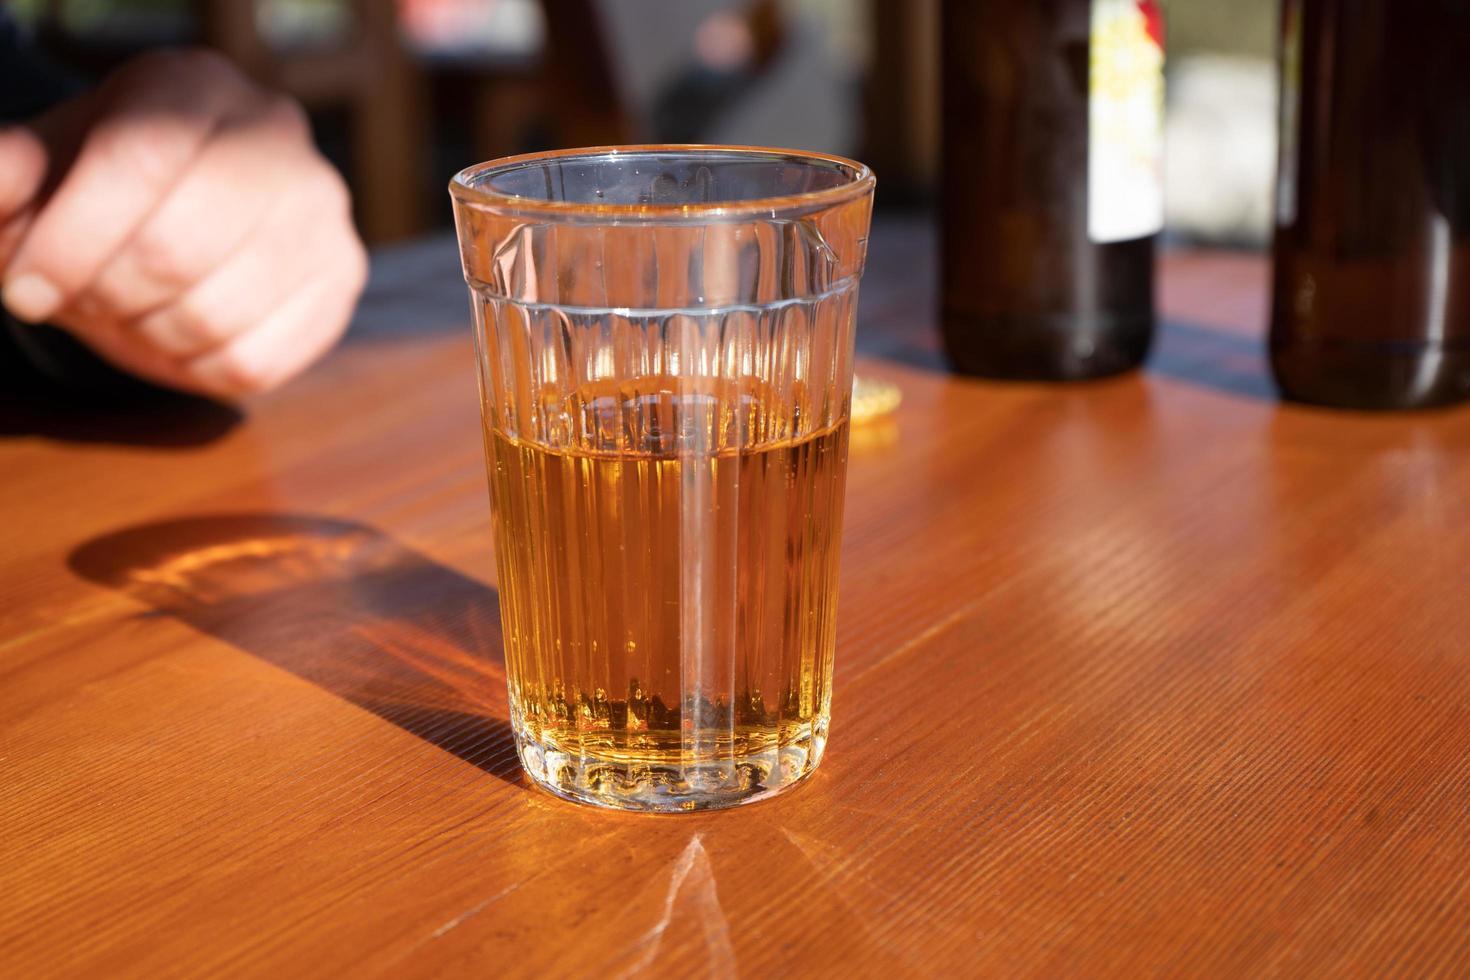 un verre de limonade sur la surface en bois de la table photo